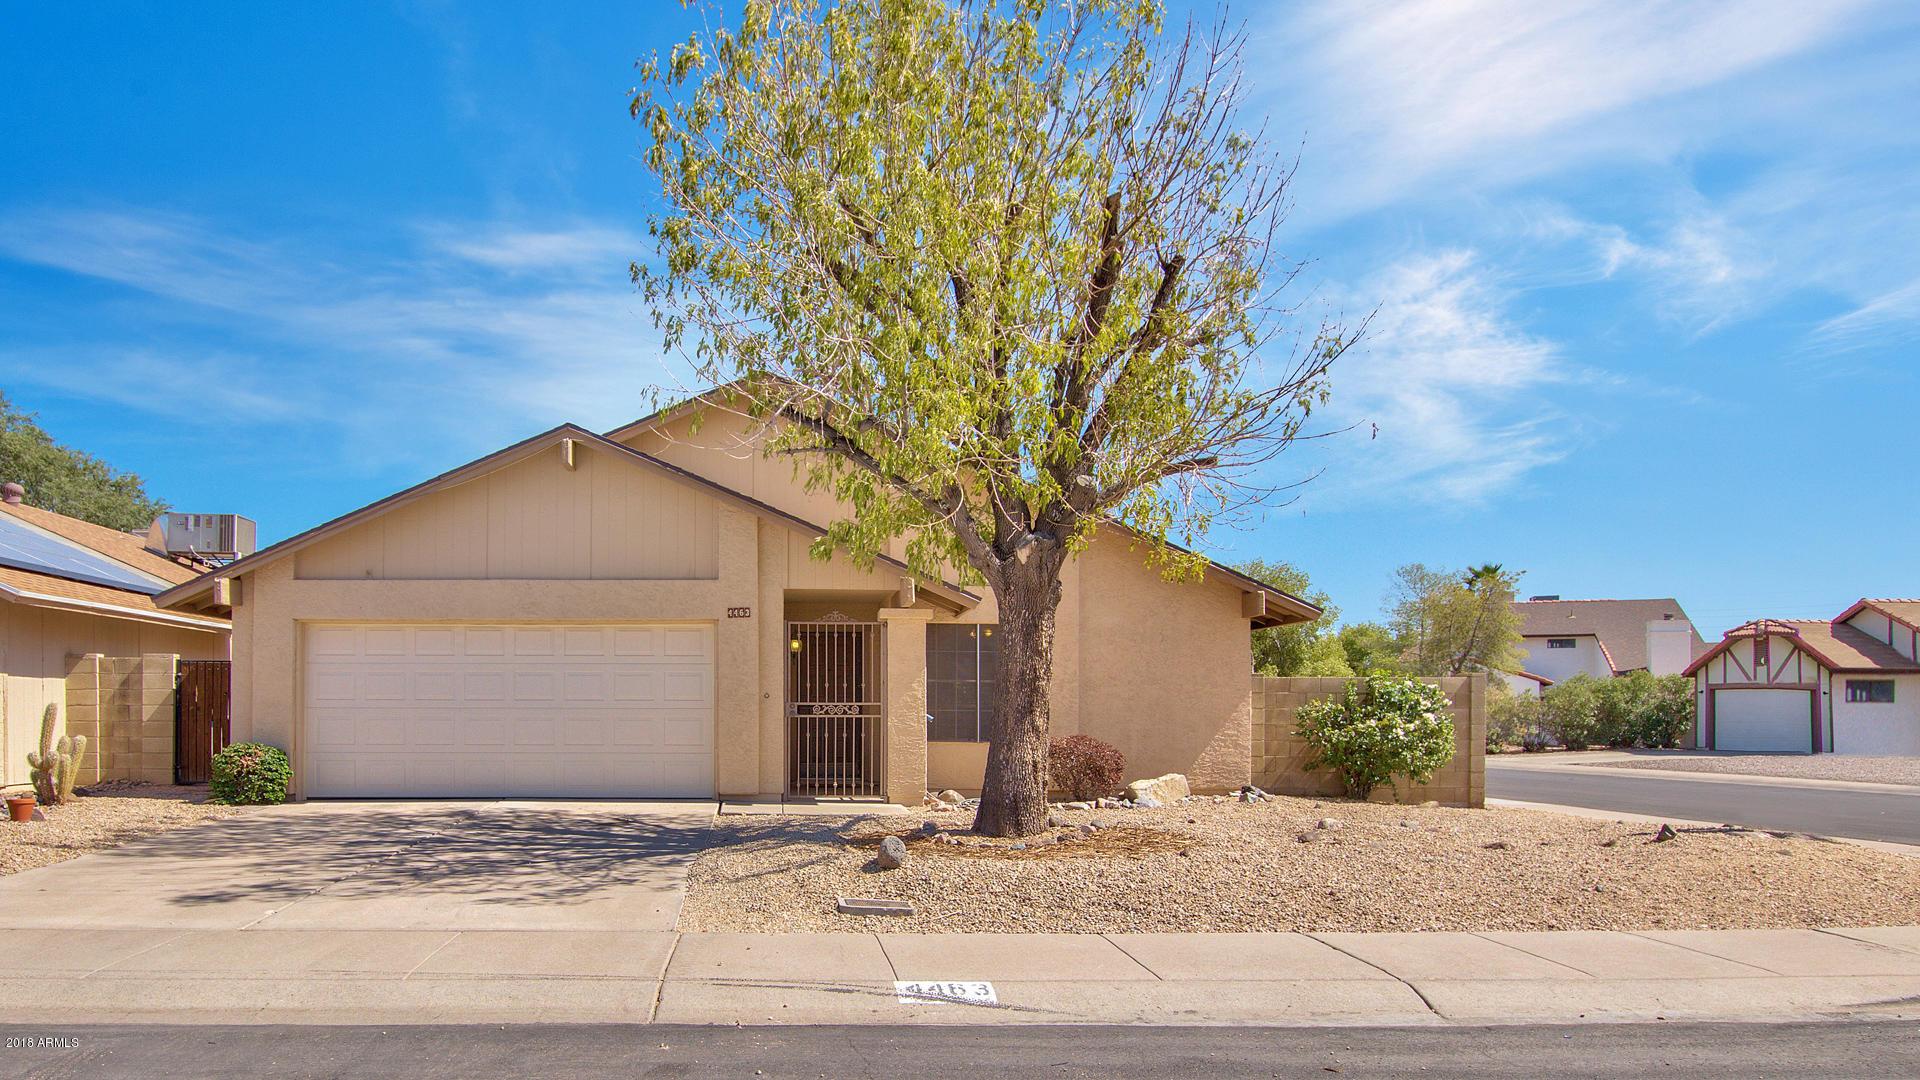 Photo of 4463 W MORROW Drive, Glendale, AZ 85308